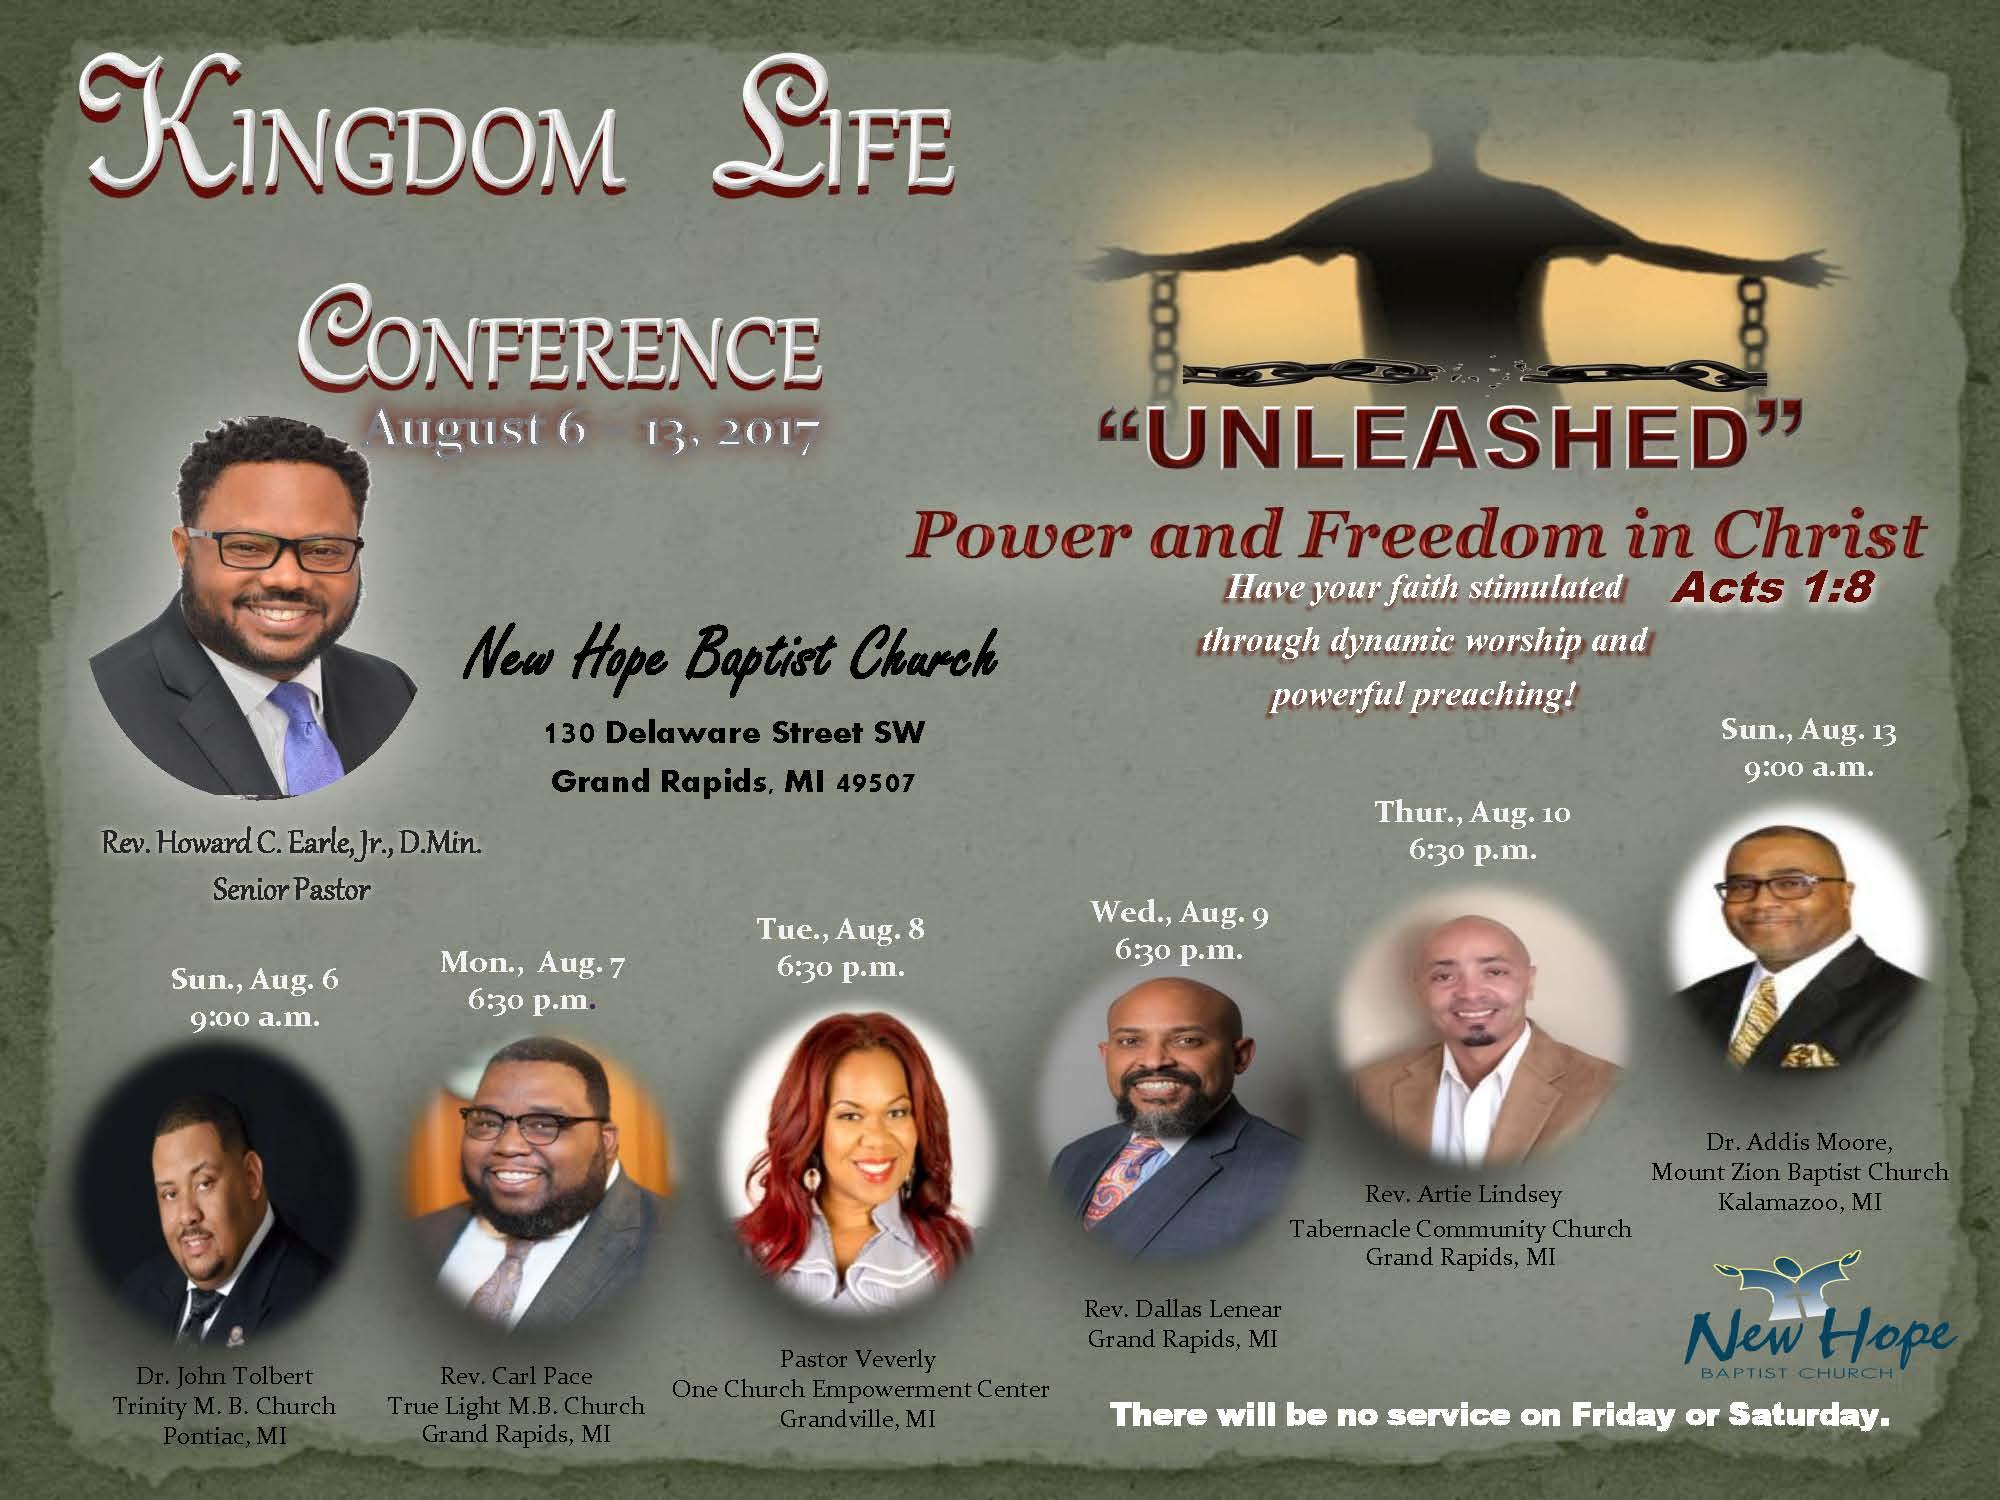 Kingdom Life conference flyer